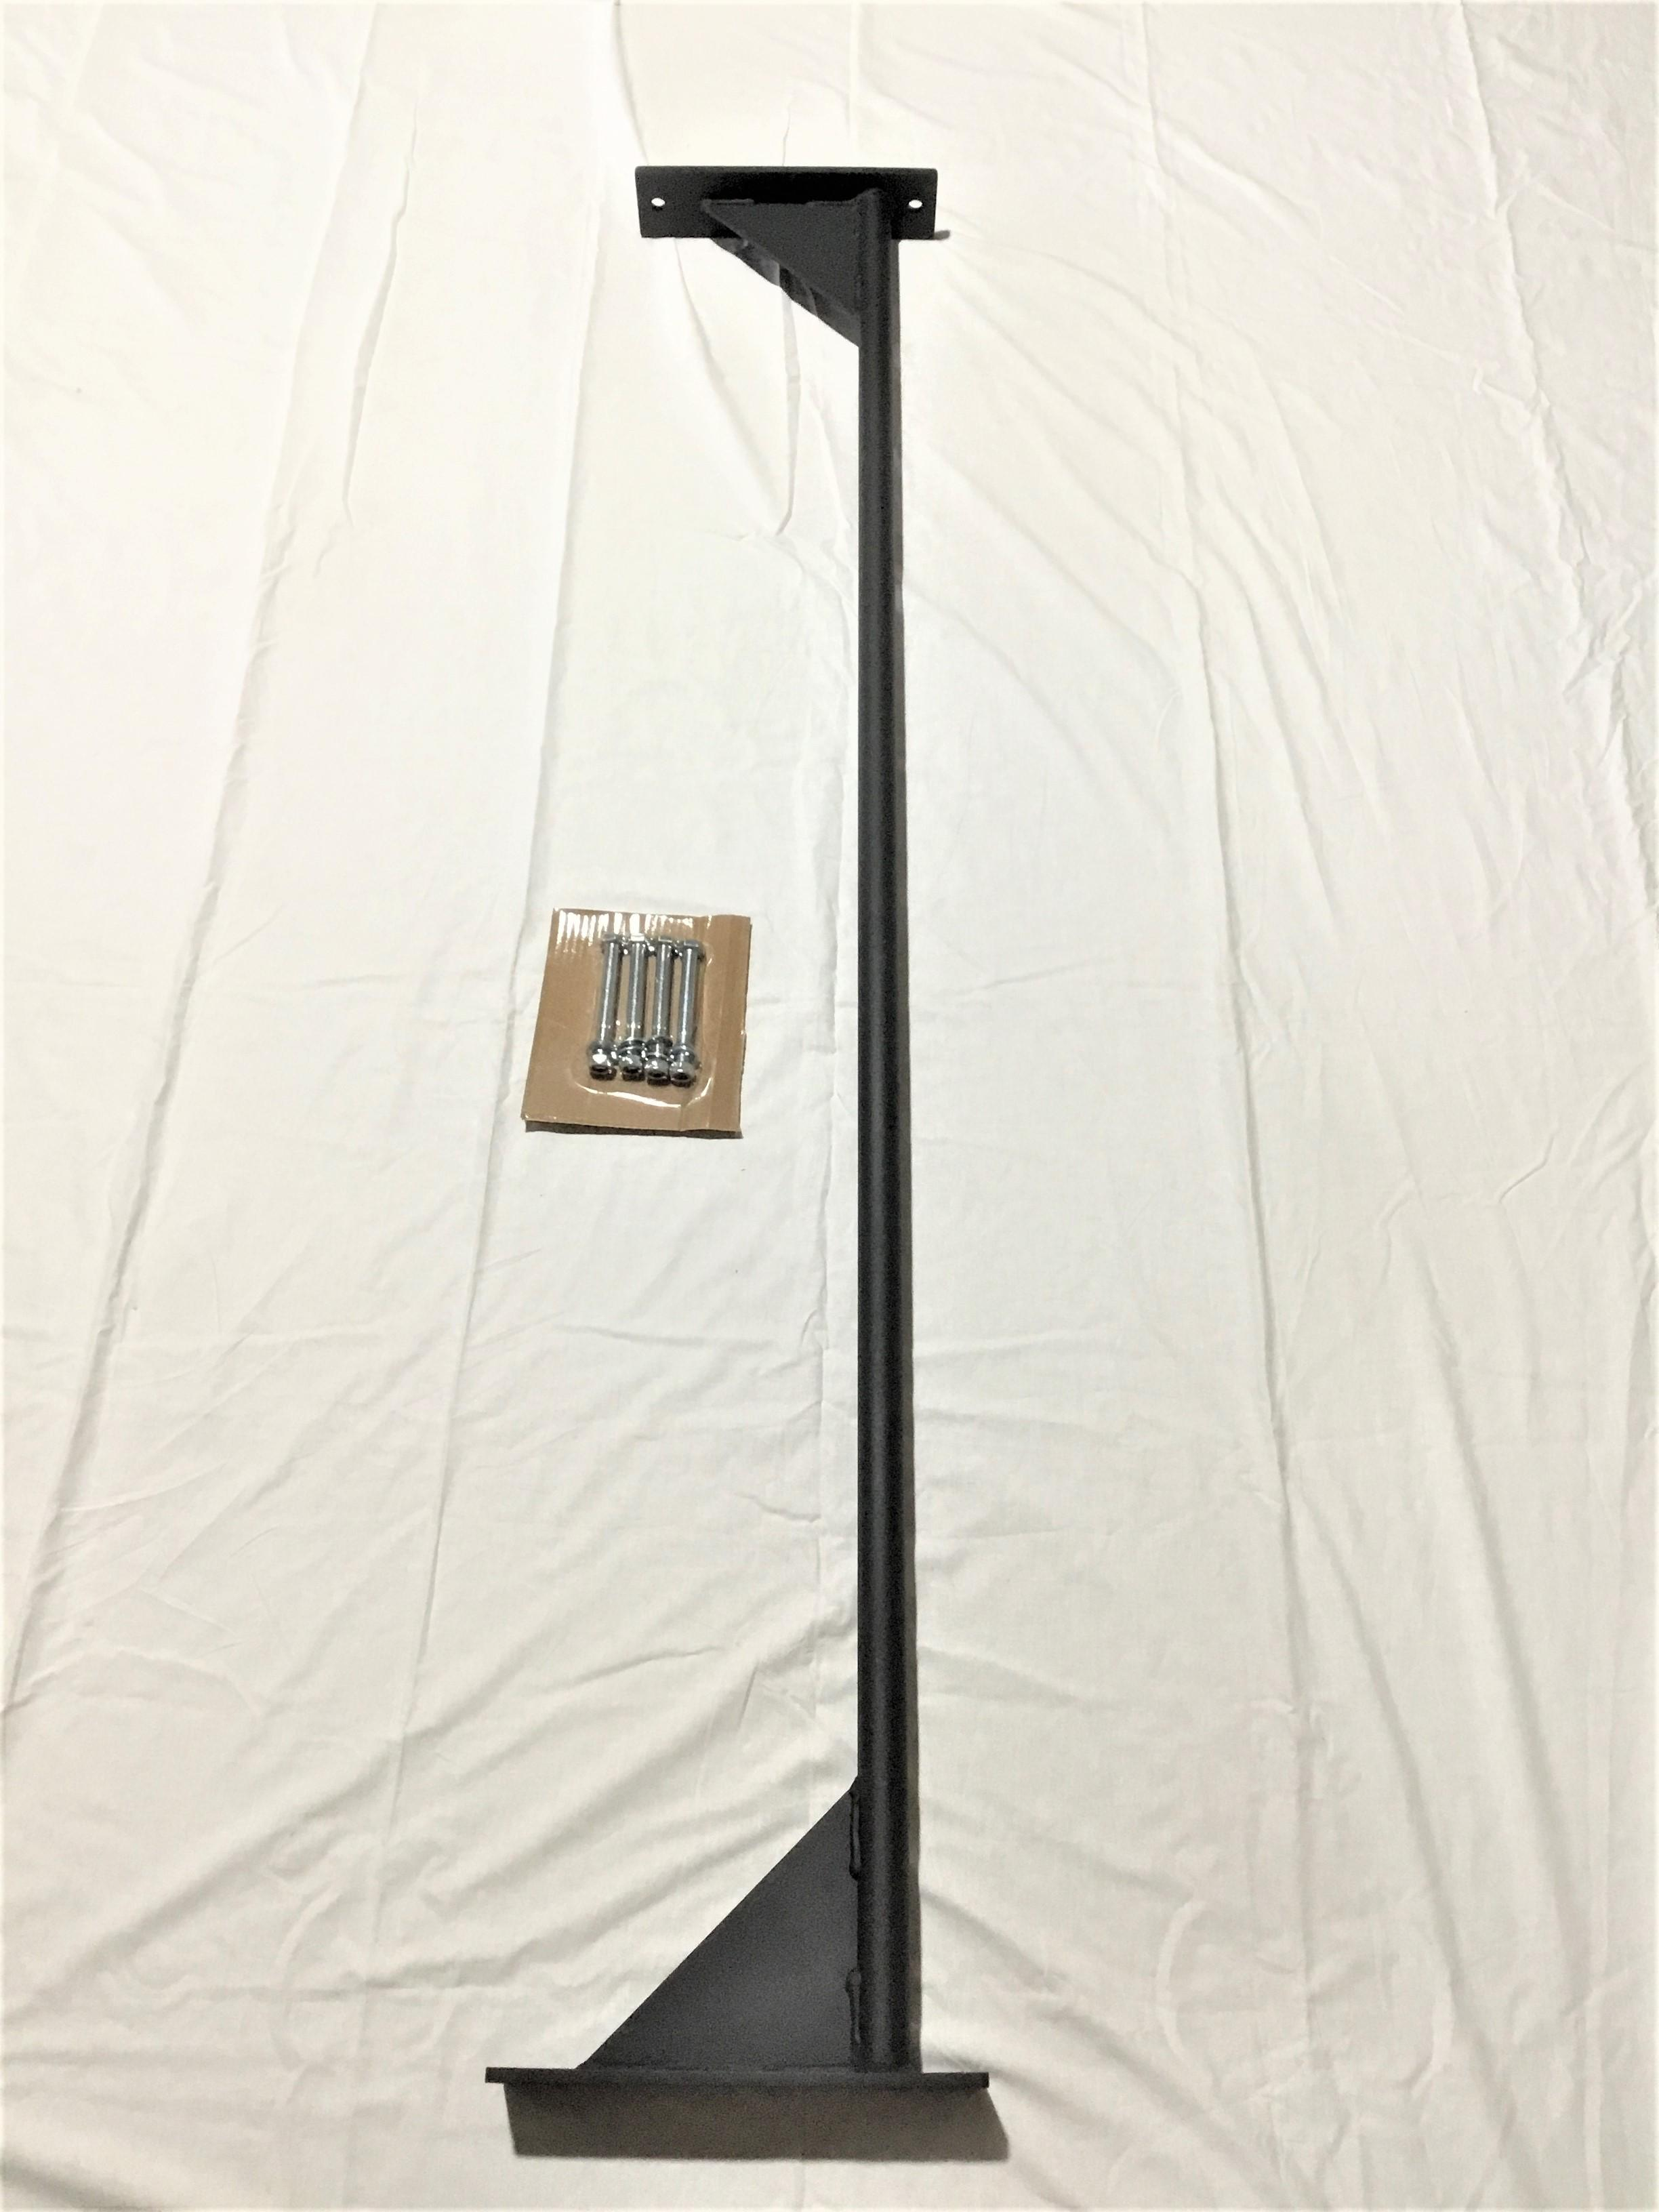 懸垂システム 165cm横クロスバーシングル